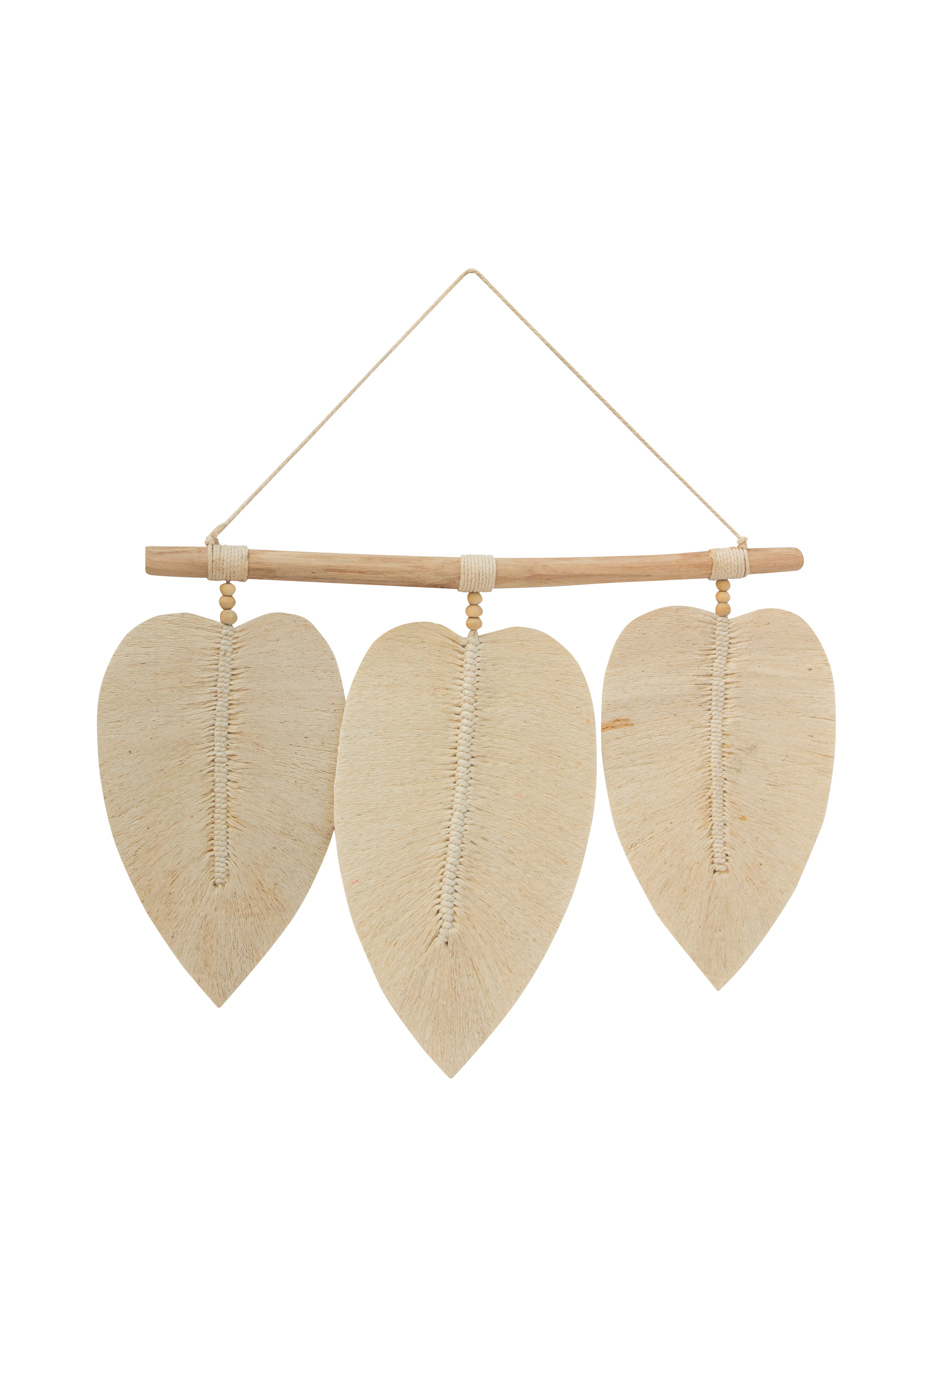 Hojas decorativa colgantes de algodón